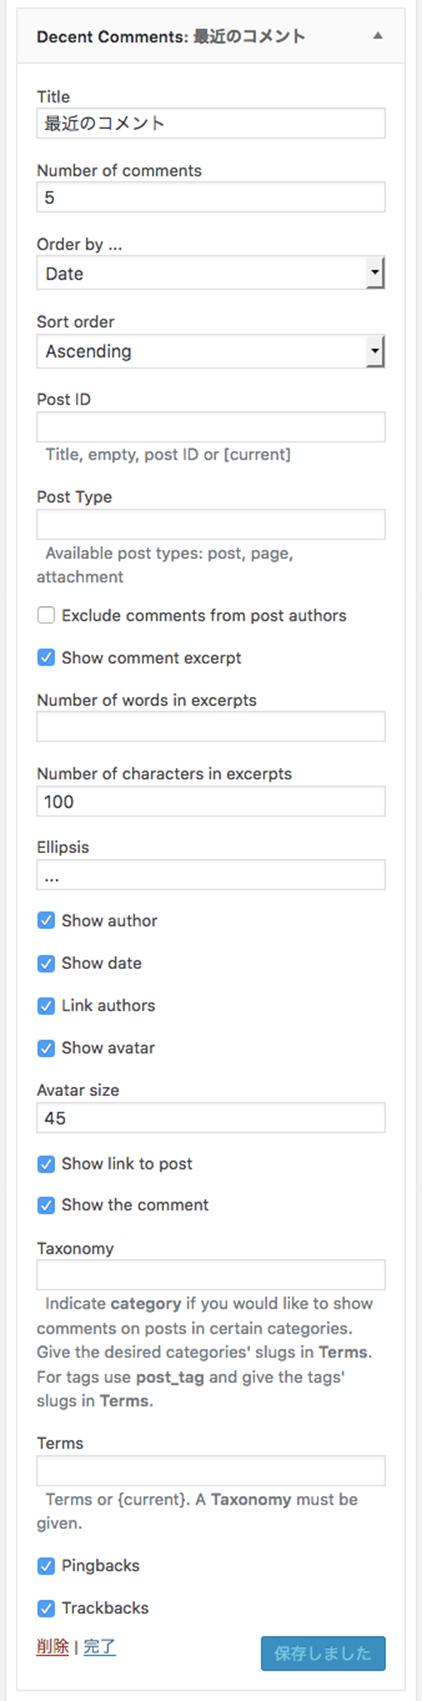 ウィジェットでコメントの表示内容の設定